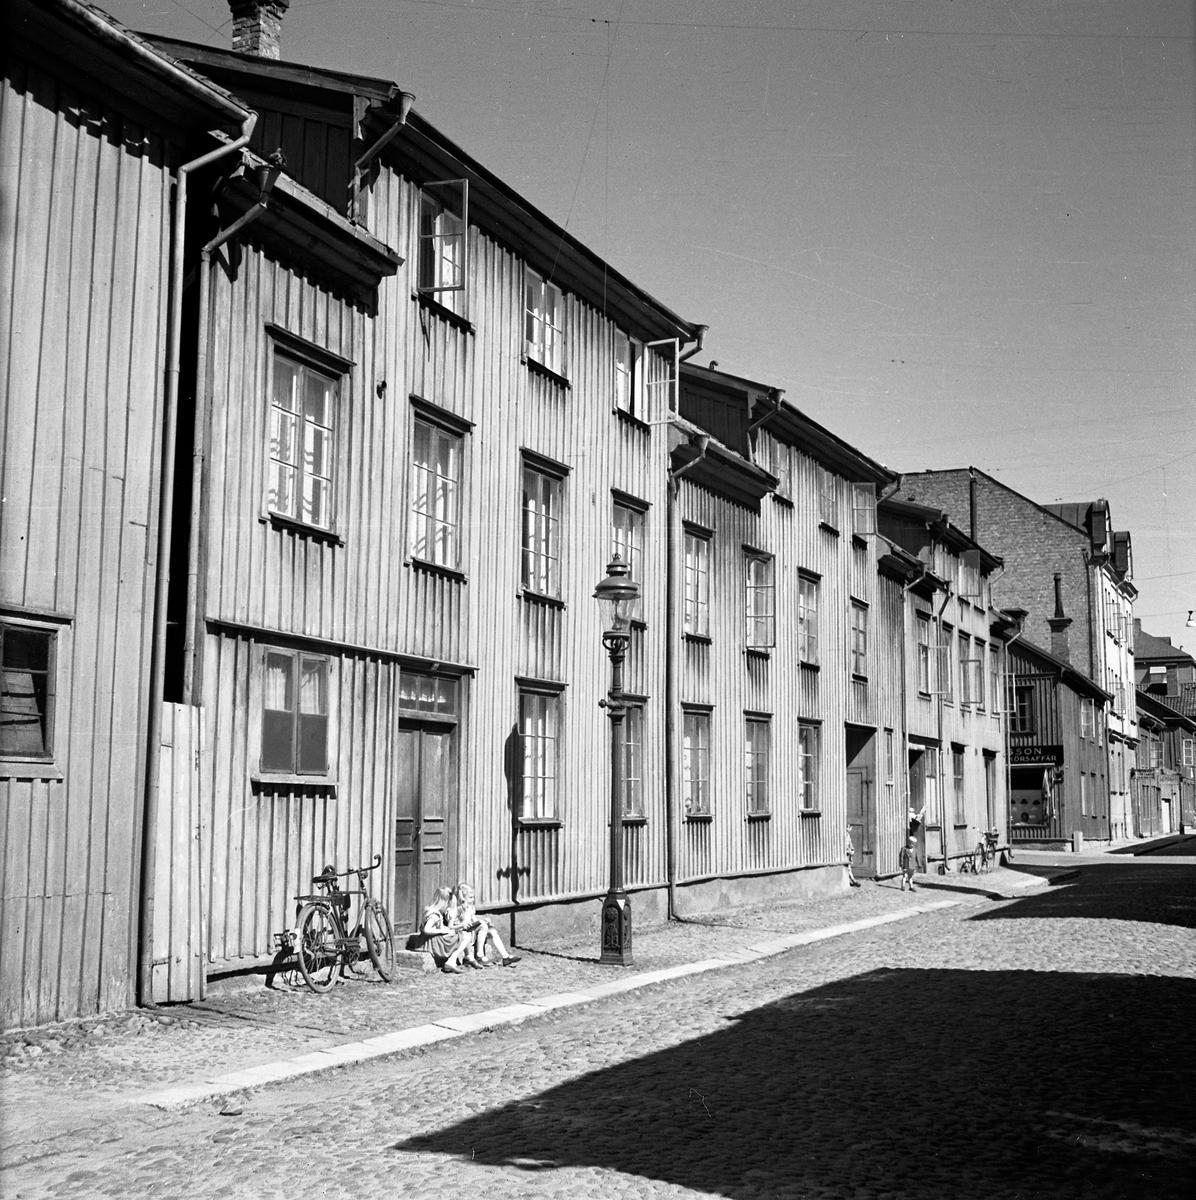 En kullerstensgata i Jönköping. Två flickor sitter på trappan till ett bostadshus av trä. En cykel står lutad mot väggen. Den gamla Jönköpingslyktan vid vägkanten gav inte mycket ljus om natten. Längre ner på gatan ligger en affär med hattar i skyltfönstret.